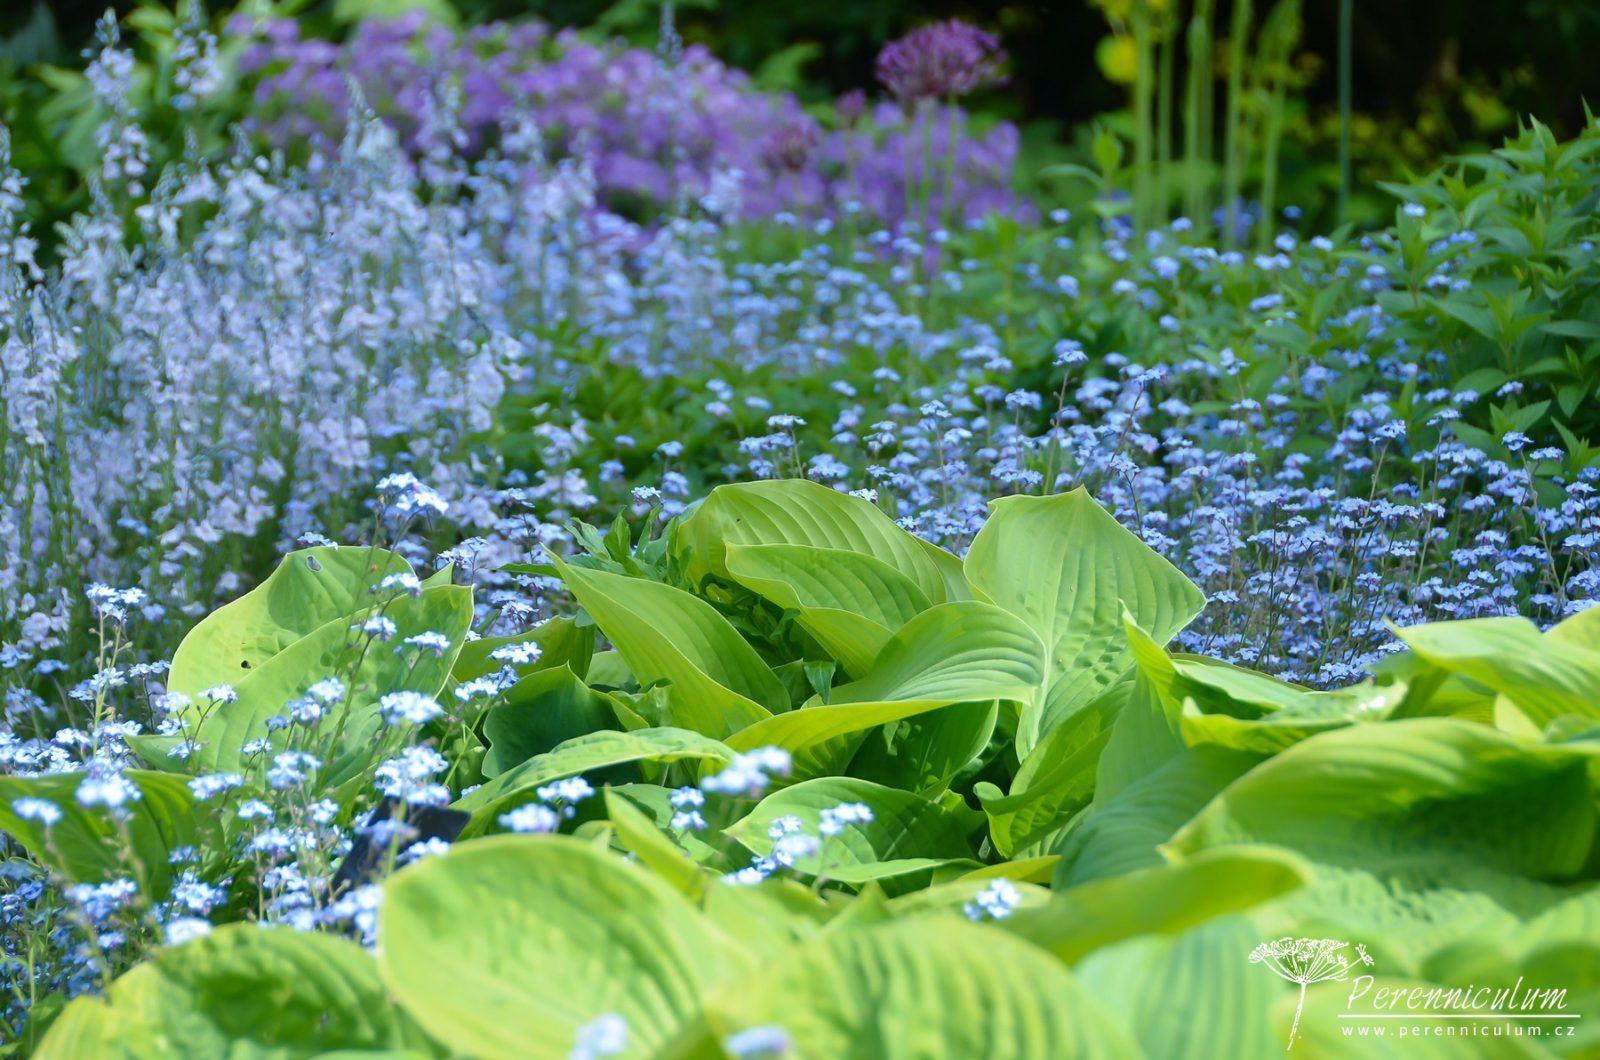 Chladivá modrá všudypřítomných pomněnek (Myosotis) a rozrazilu (Veronica gentianoides). Drobné kvítky doplňují velké listy bohyšky (Hosta).